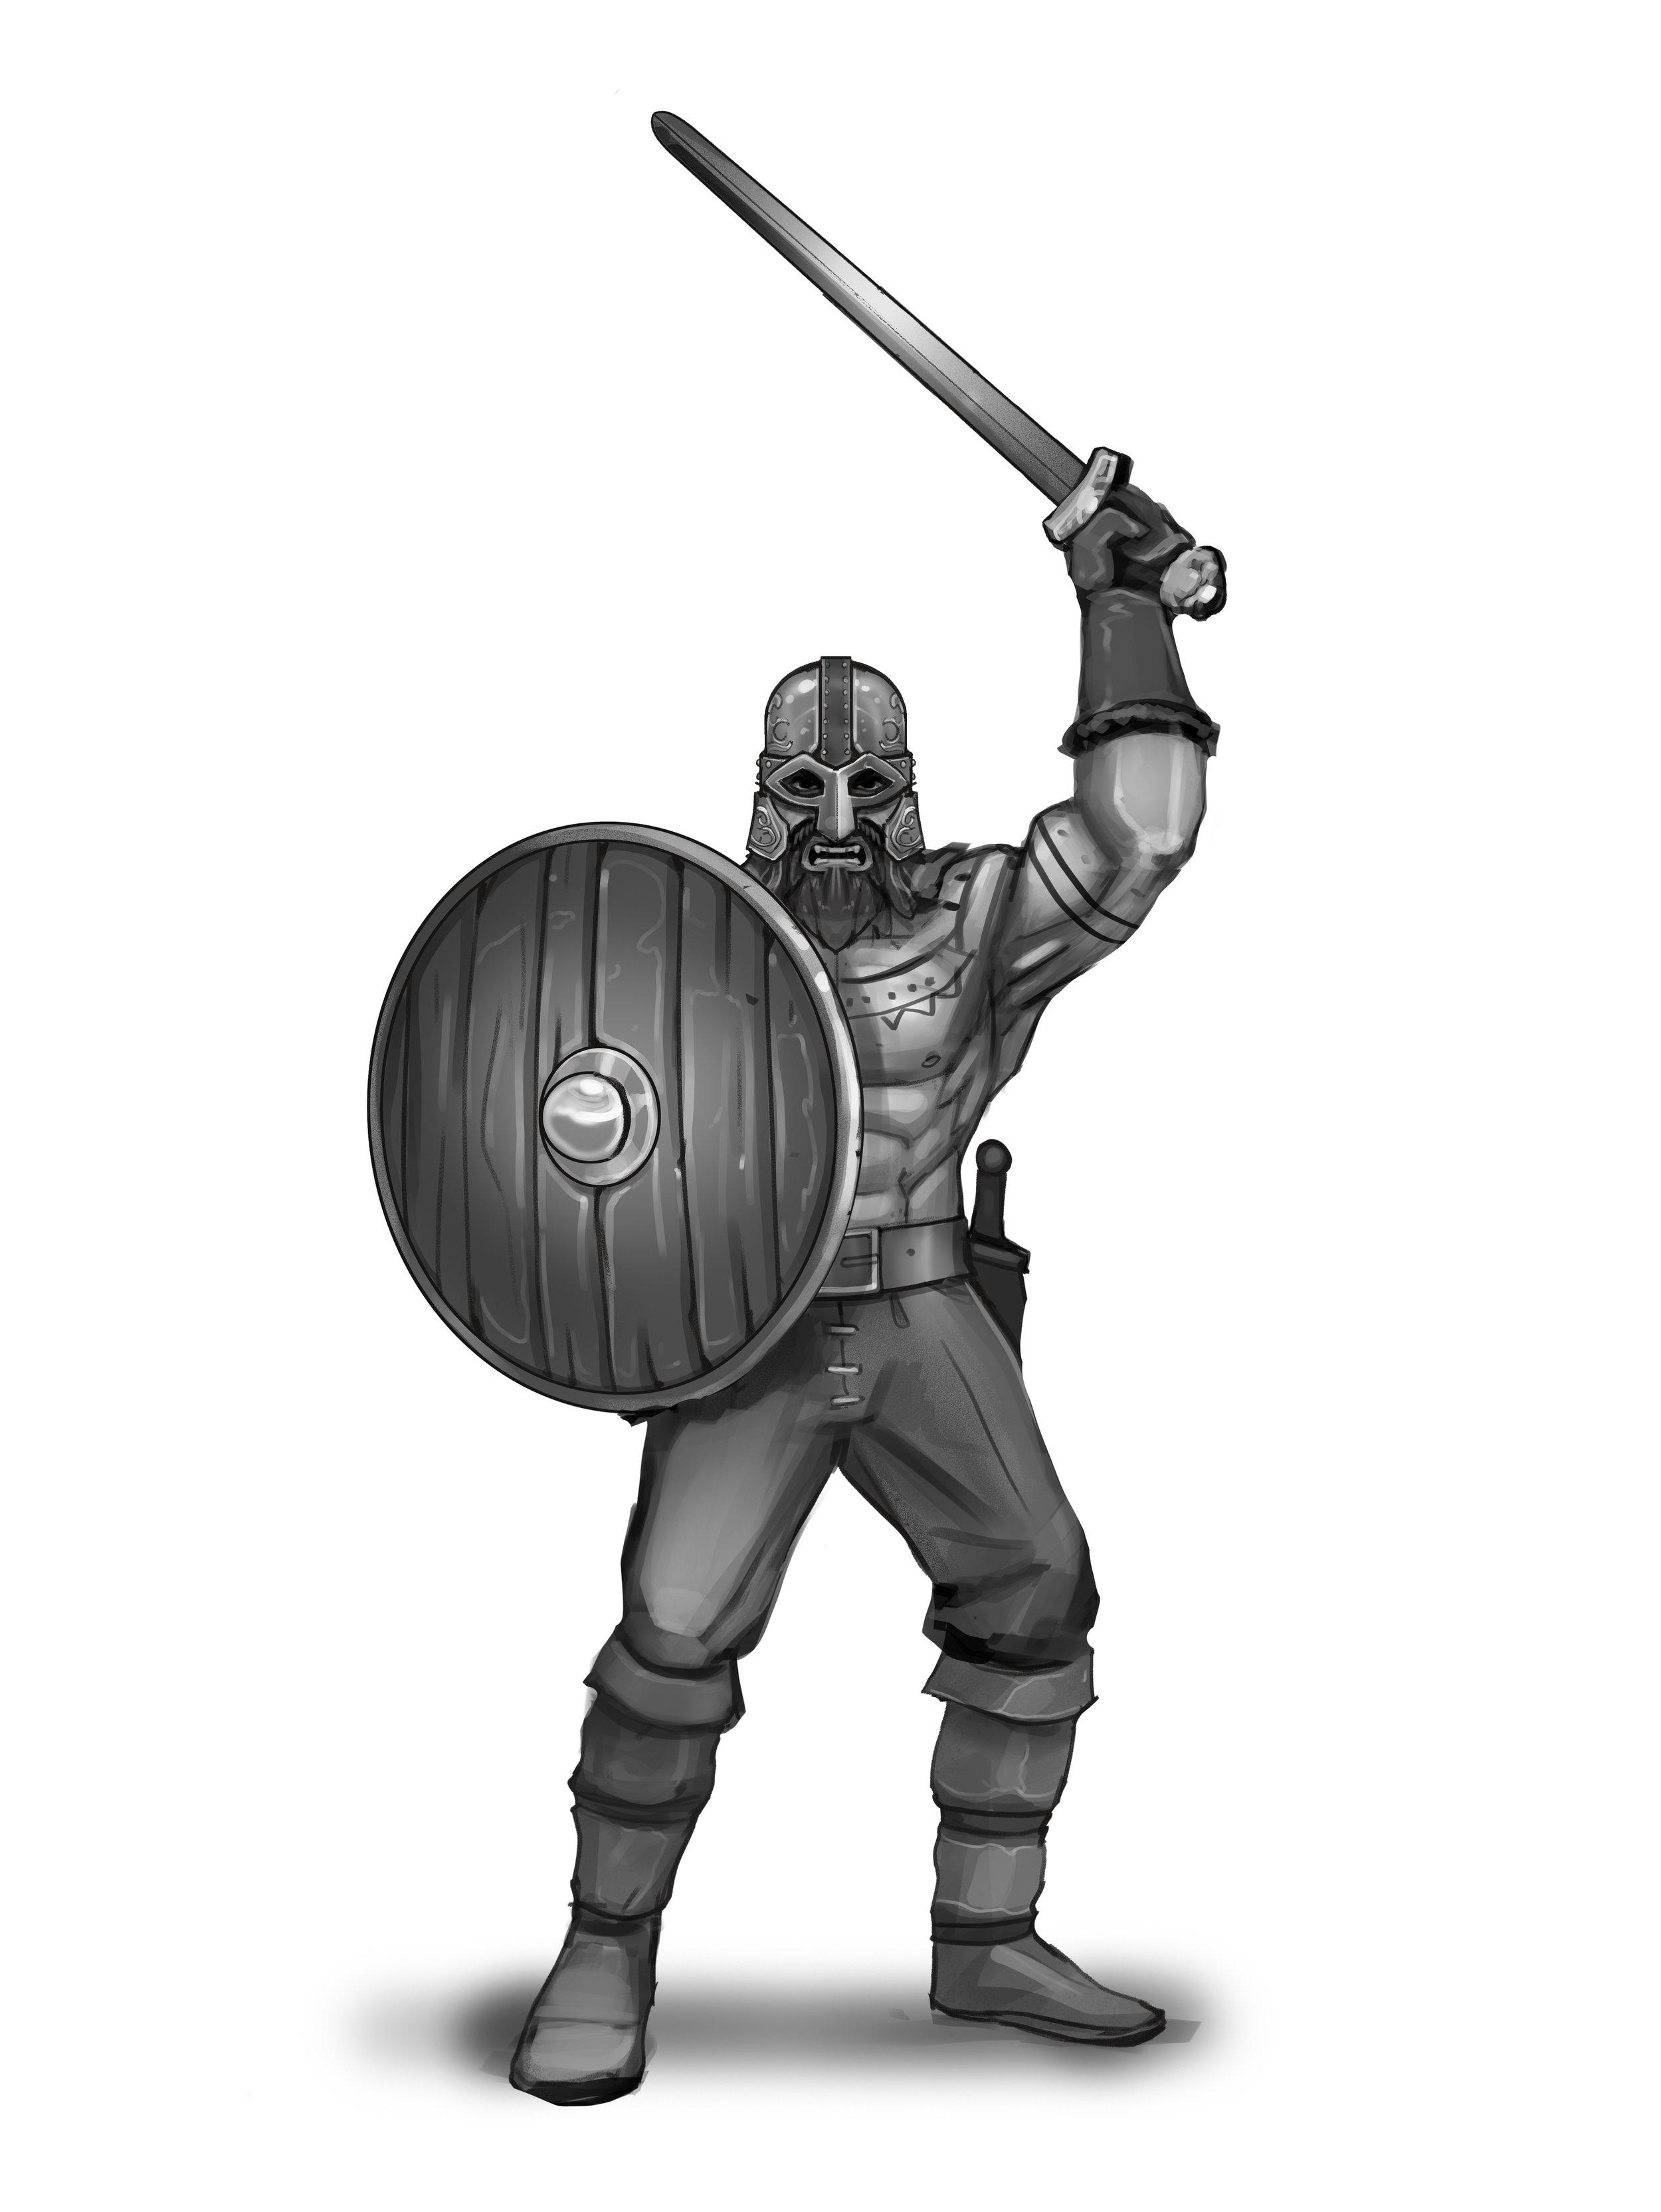 Sword Raider - Non-horned Helmet